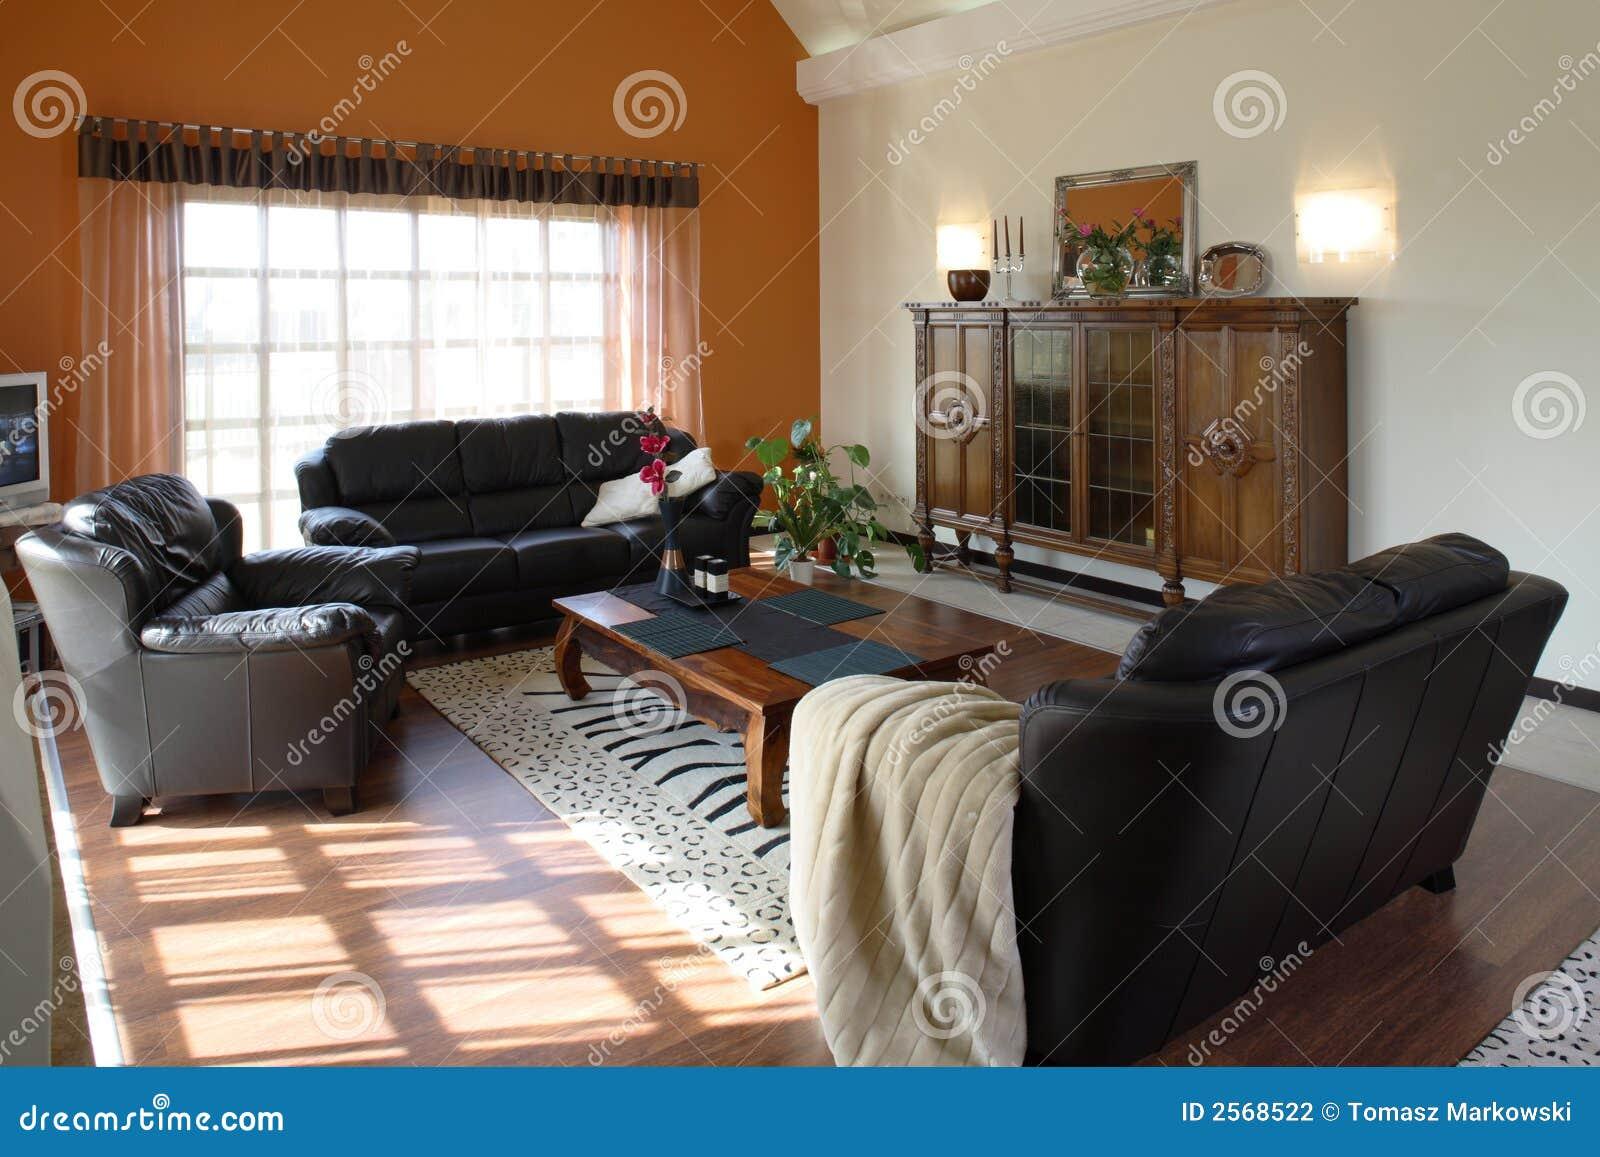 klassisches wohnzimmer stockfotografie bild 2568522